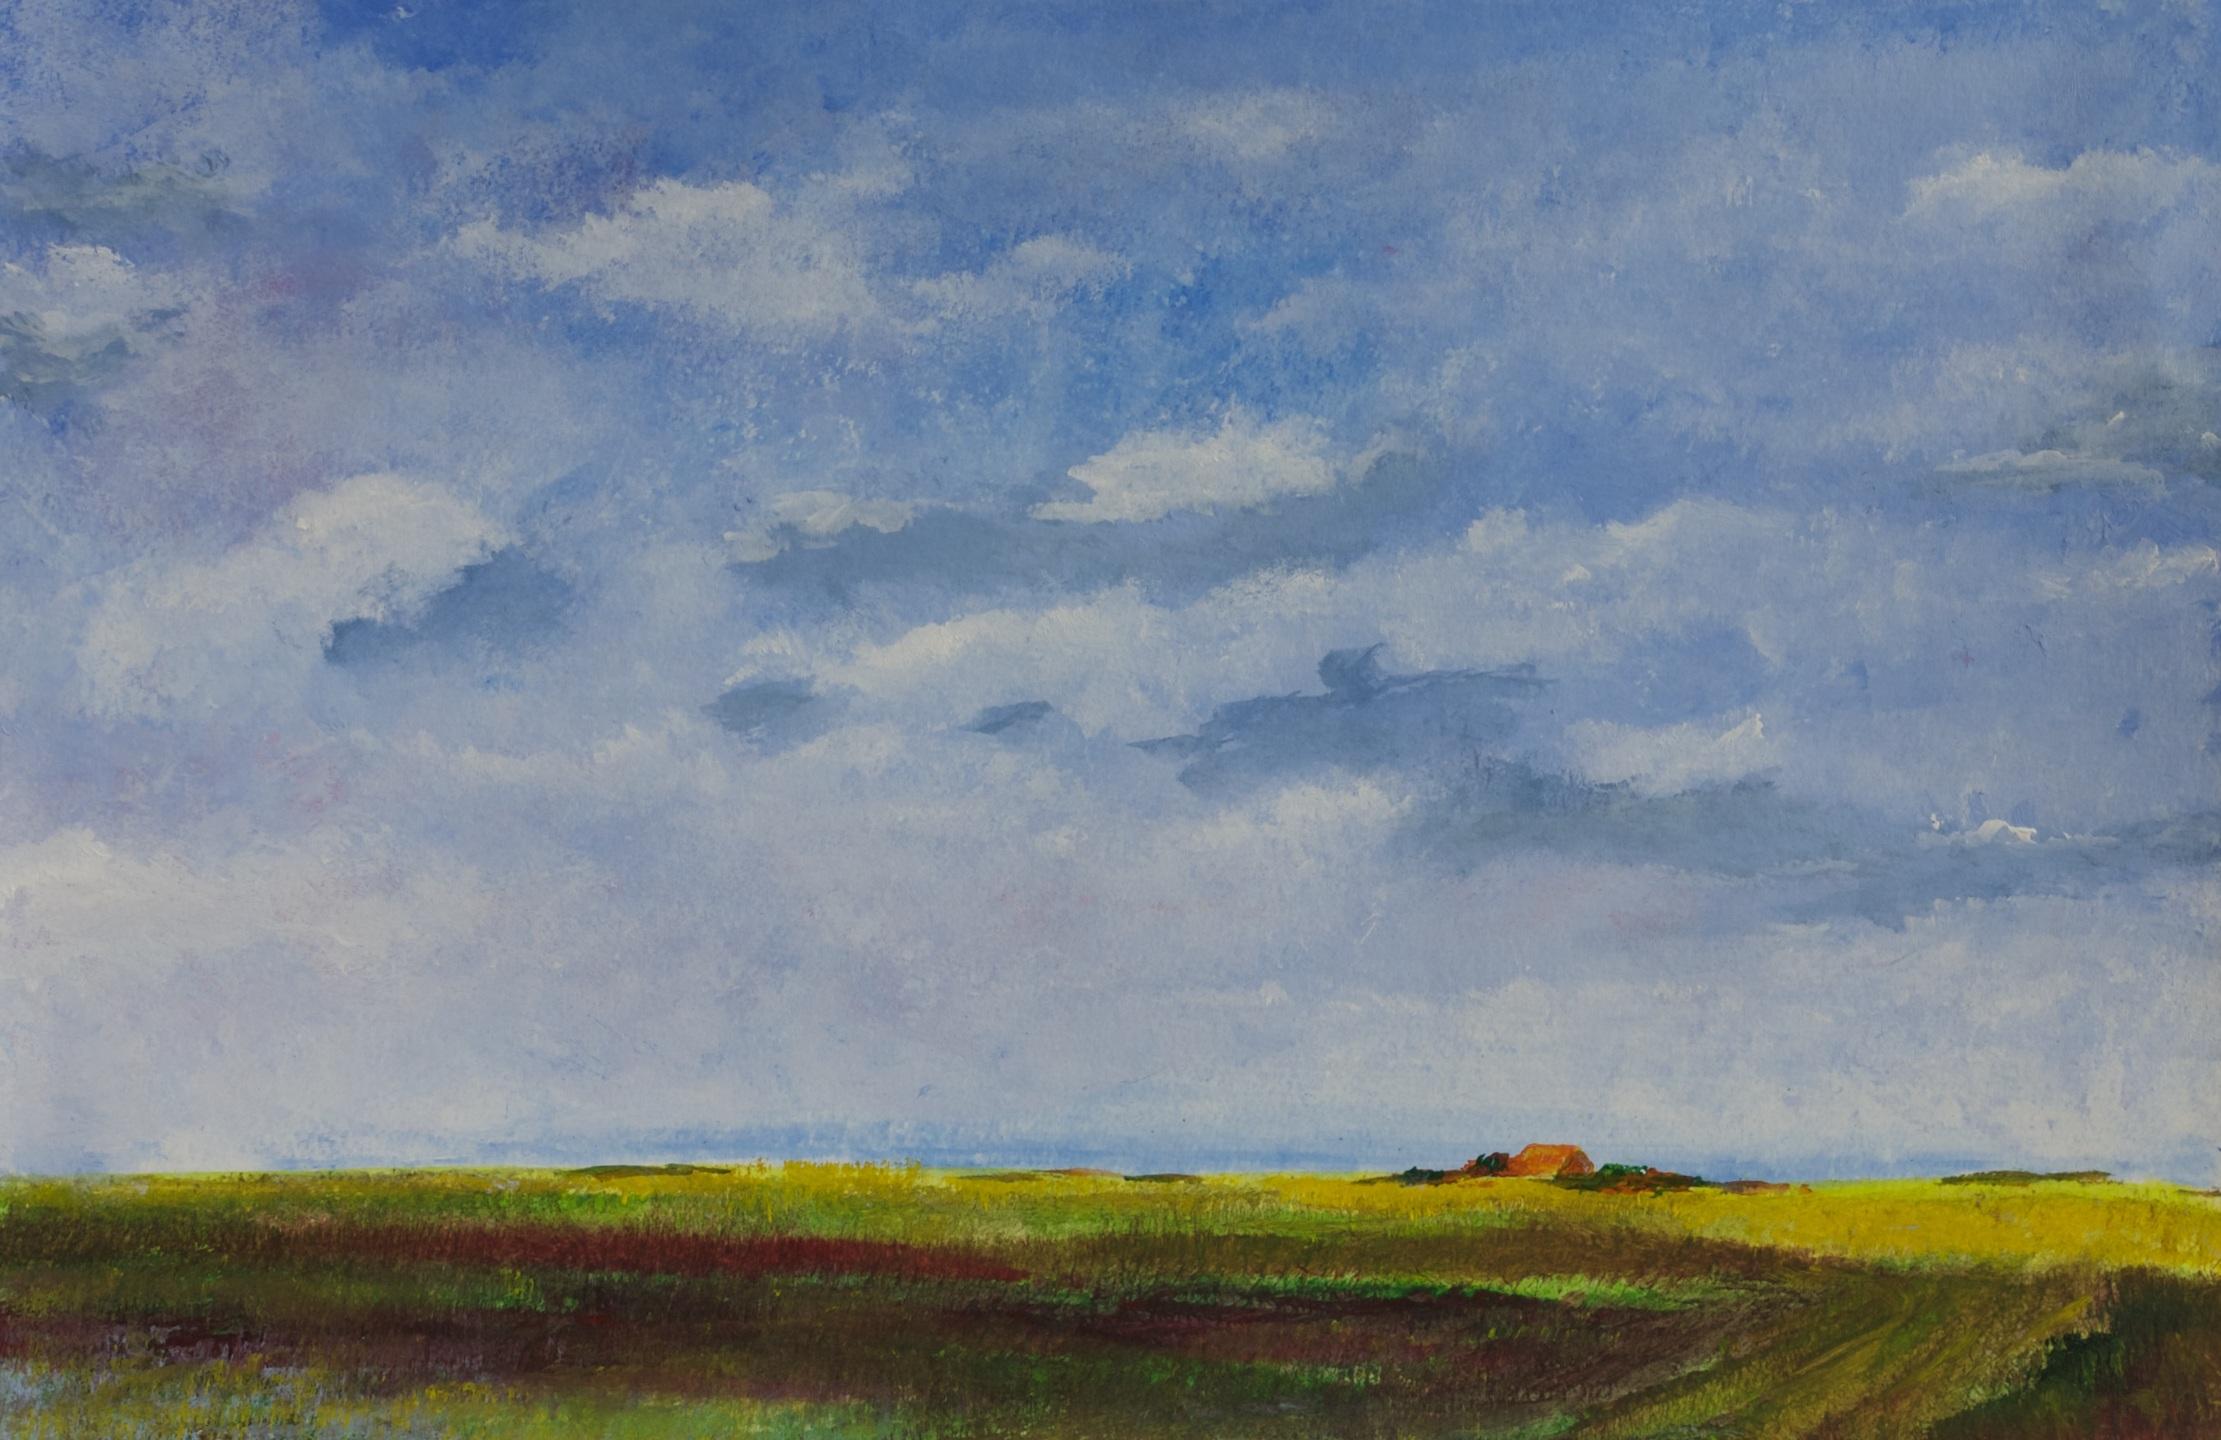 321 - Polderlandschap met hoge lucht